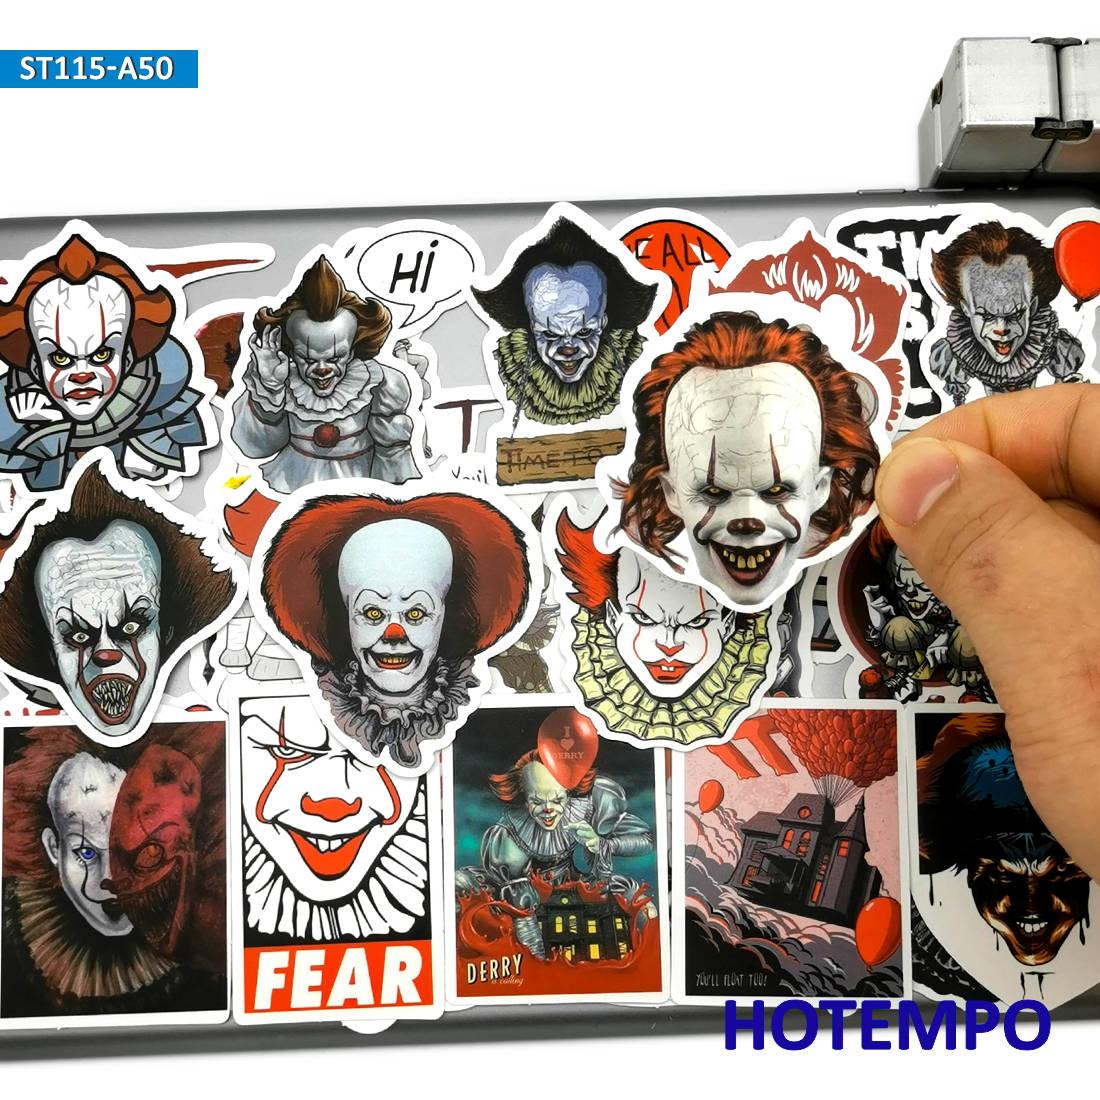 50 шт. стикеры в стиле аниме с изображением фильма ужасов, клоуна, привидения, Джокера для мобильного телефона, ноутбука, чемодана, скейтборда, велосипеда|Наклейки|   | АлиЭкспресс